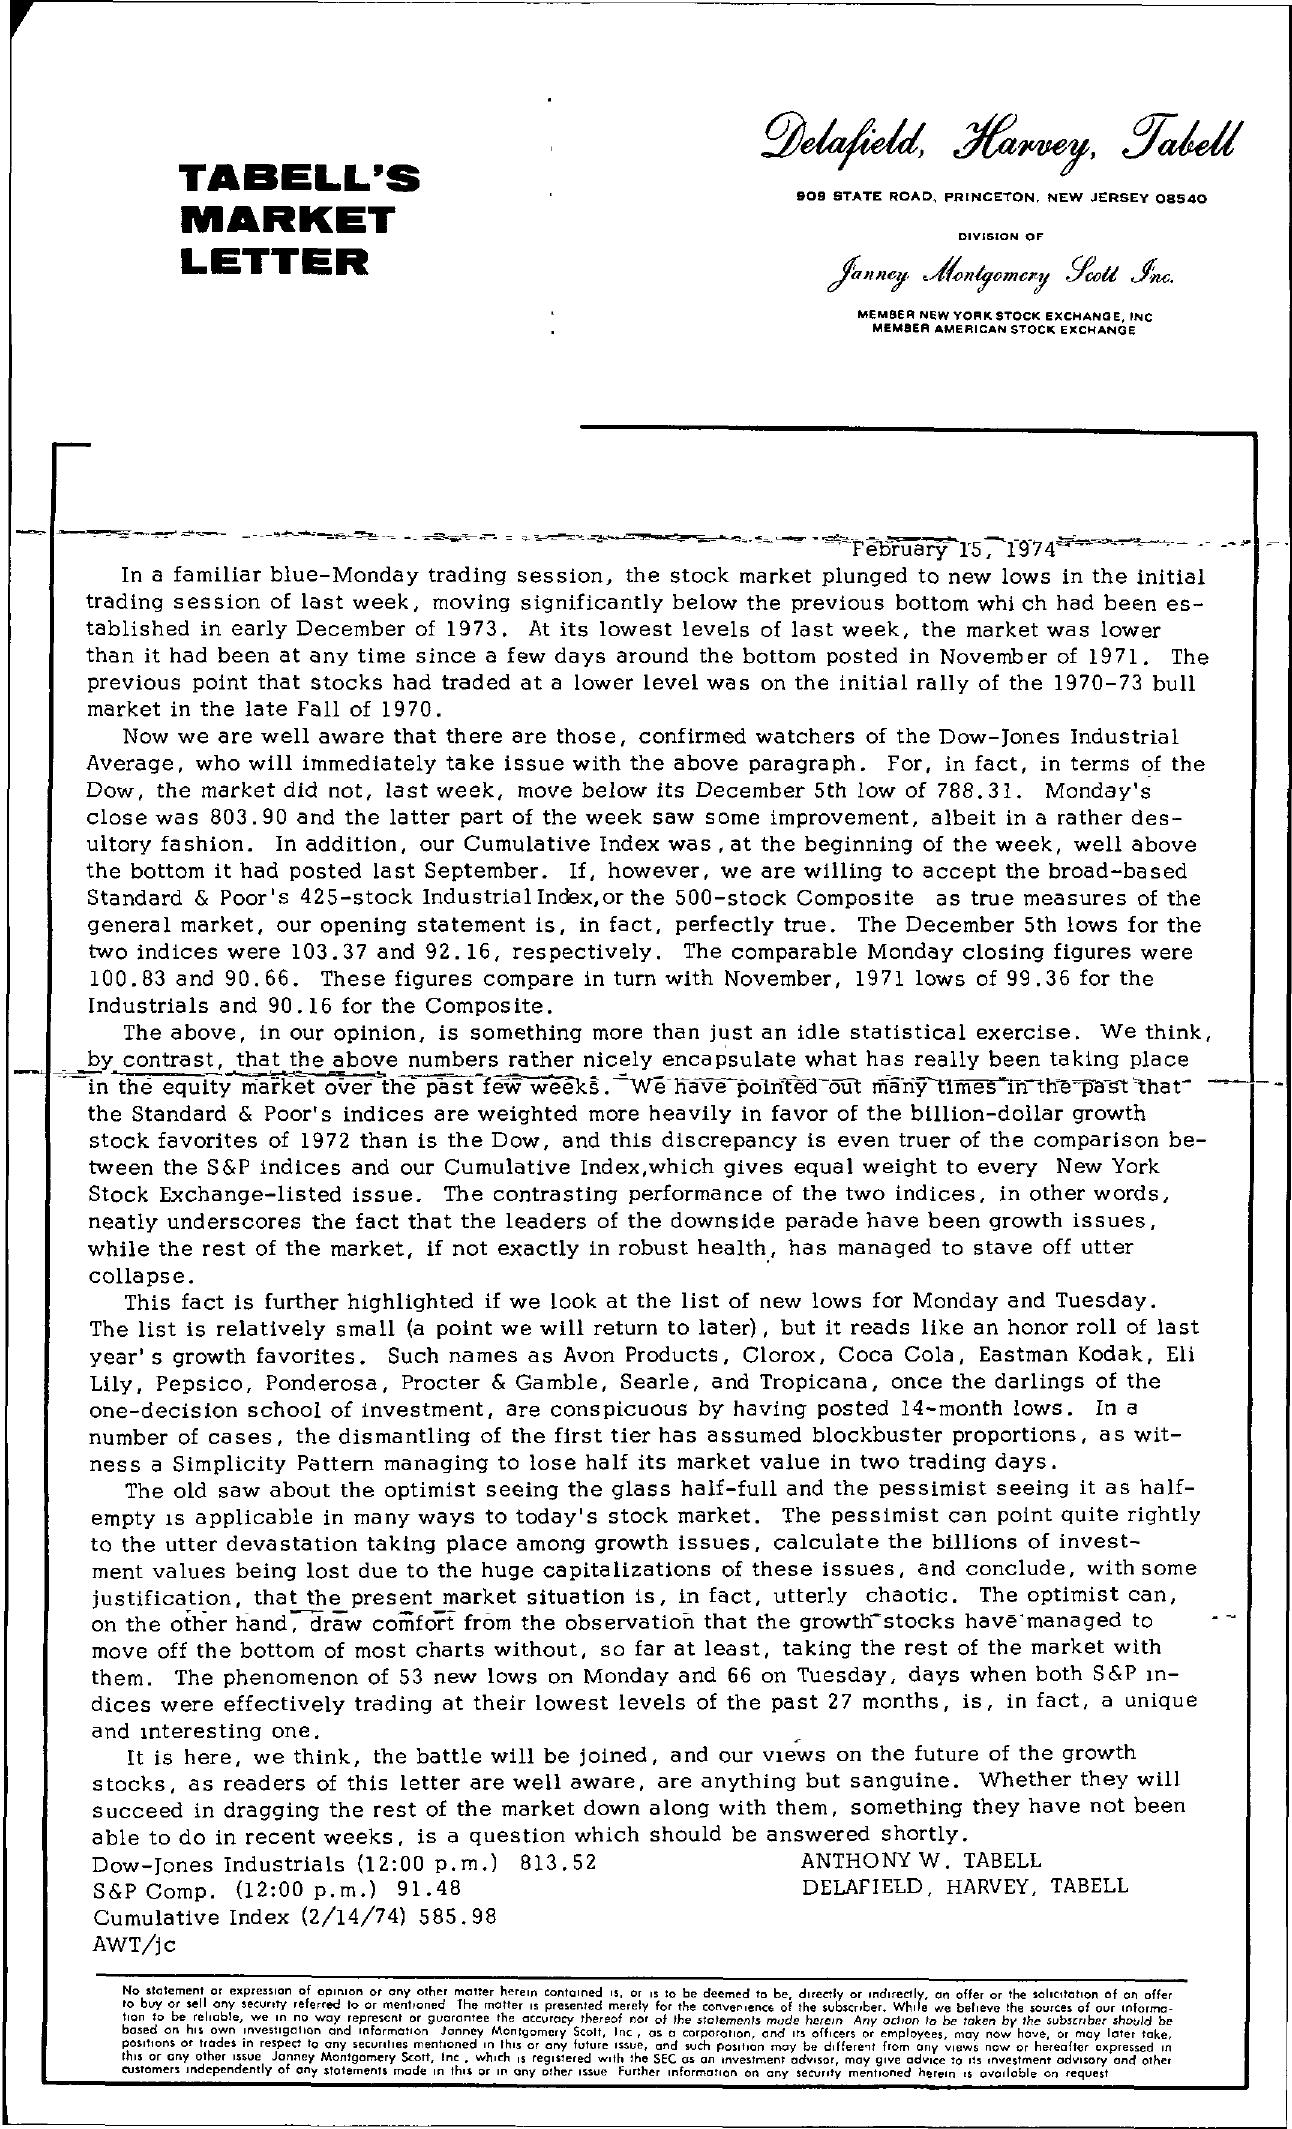 Tabell's Market Letter - February 15, 1974